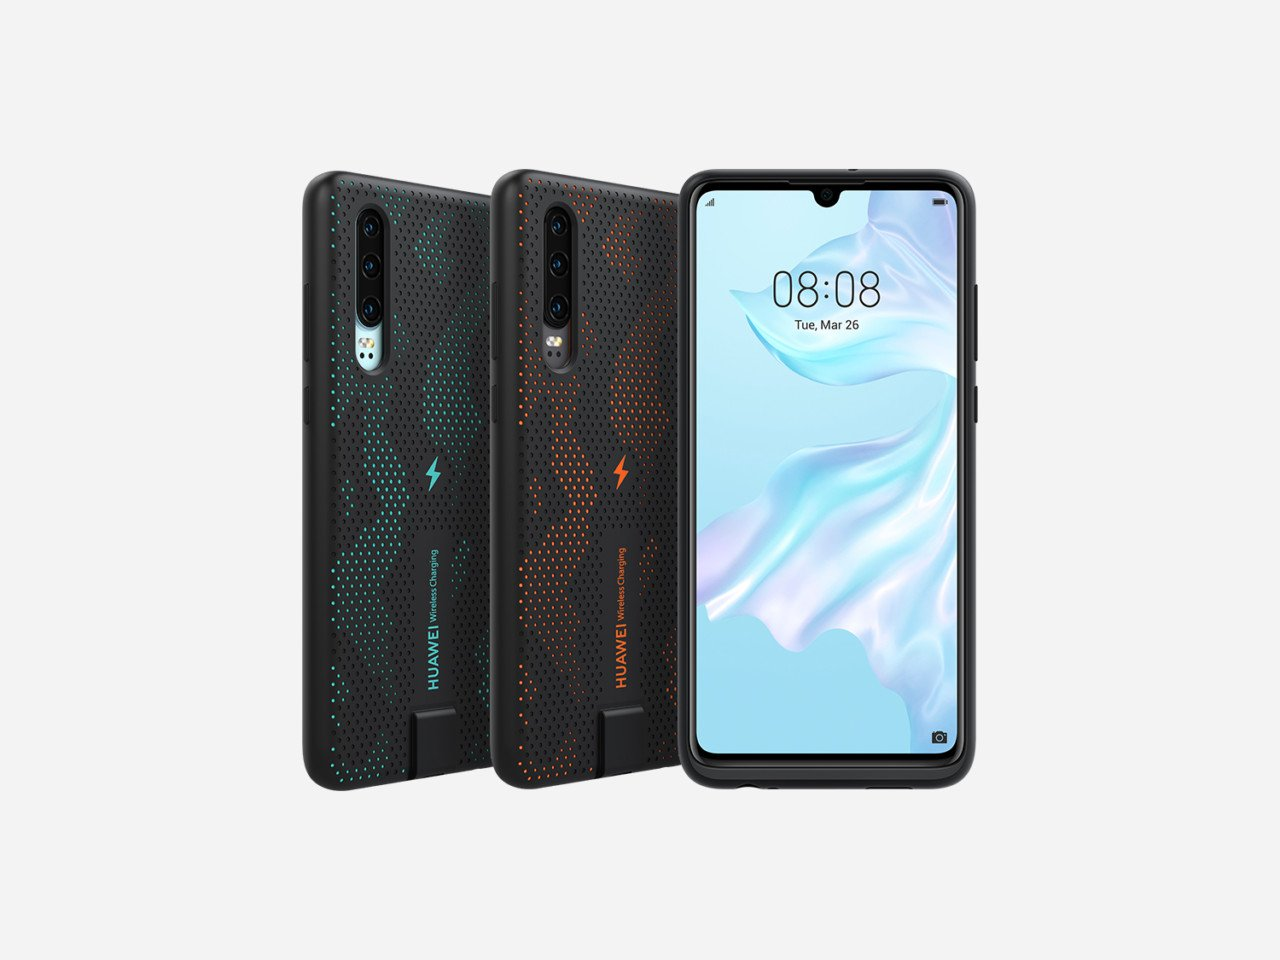 Huawei-P30-Wireless-Charging-Case-b